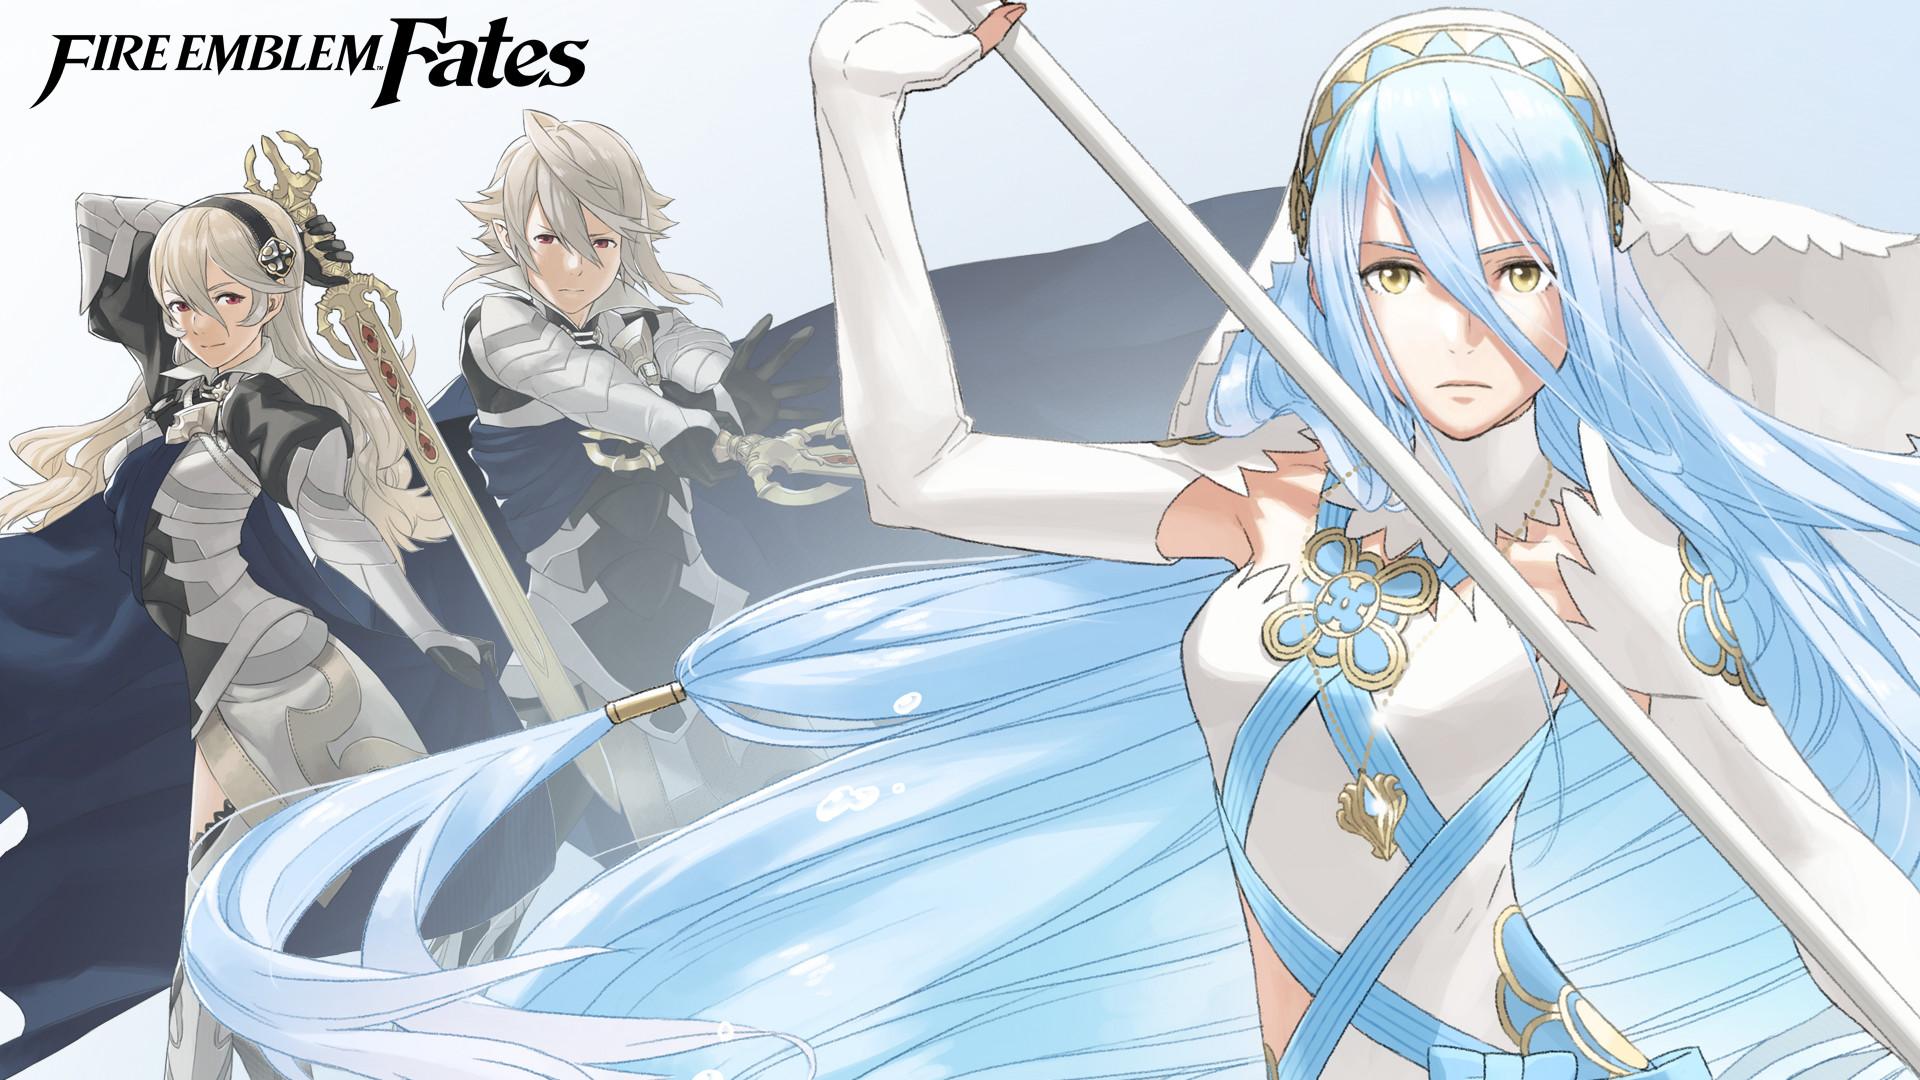 … Fire Emblem Fates: Wallpaper by MasterEnex